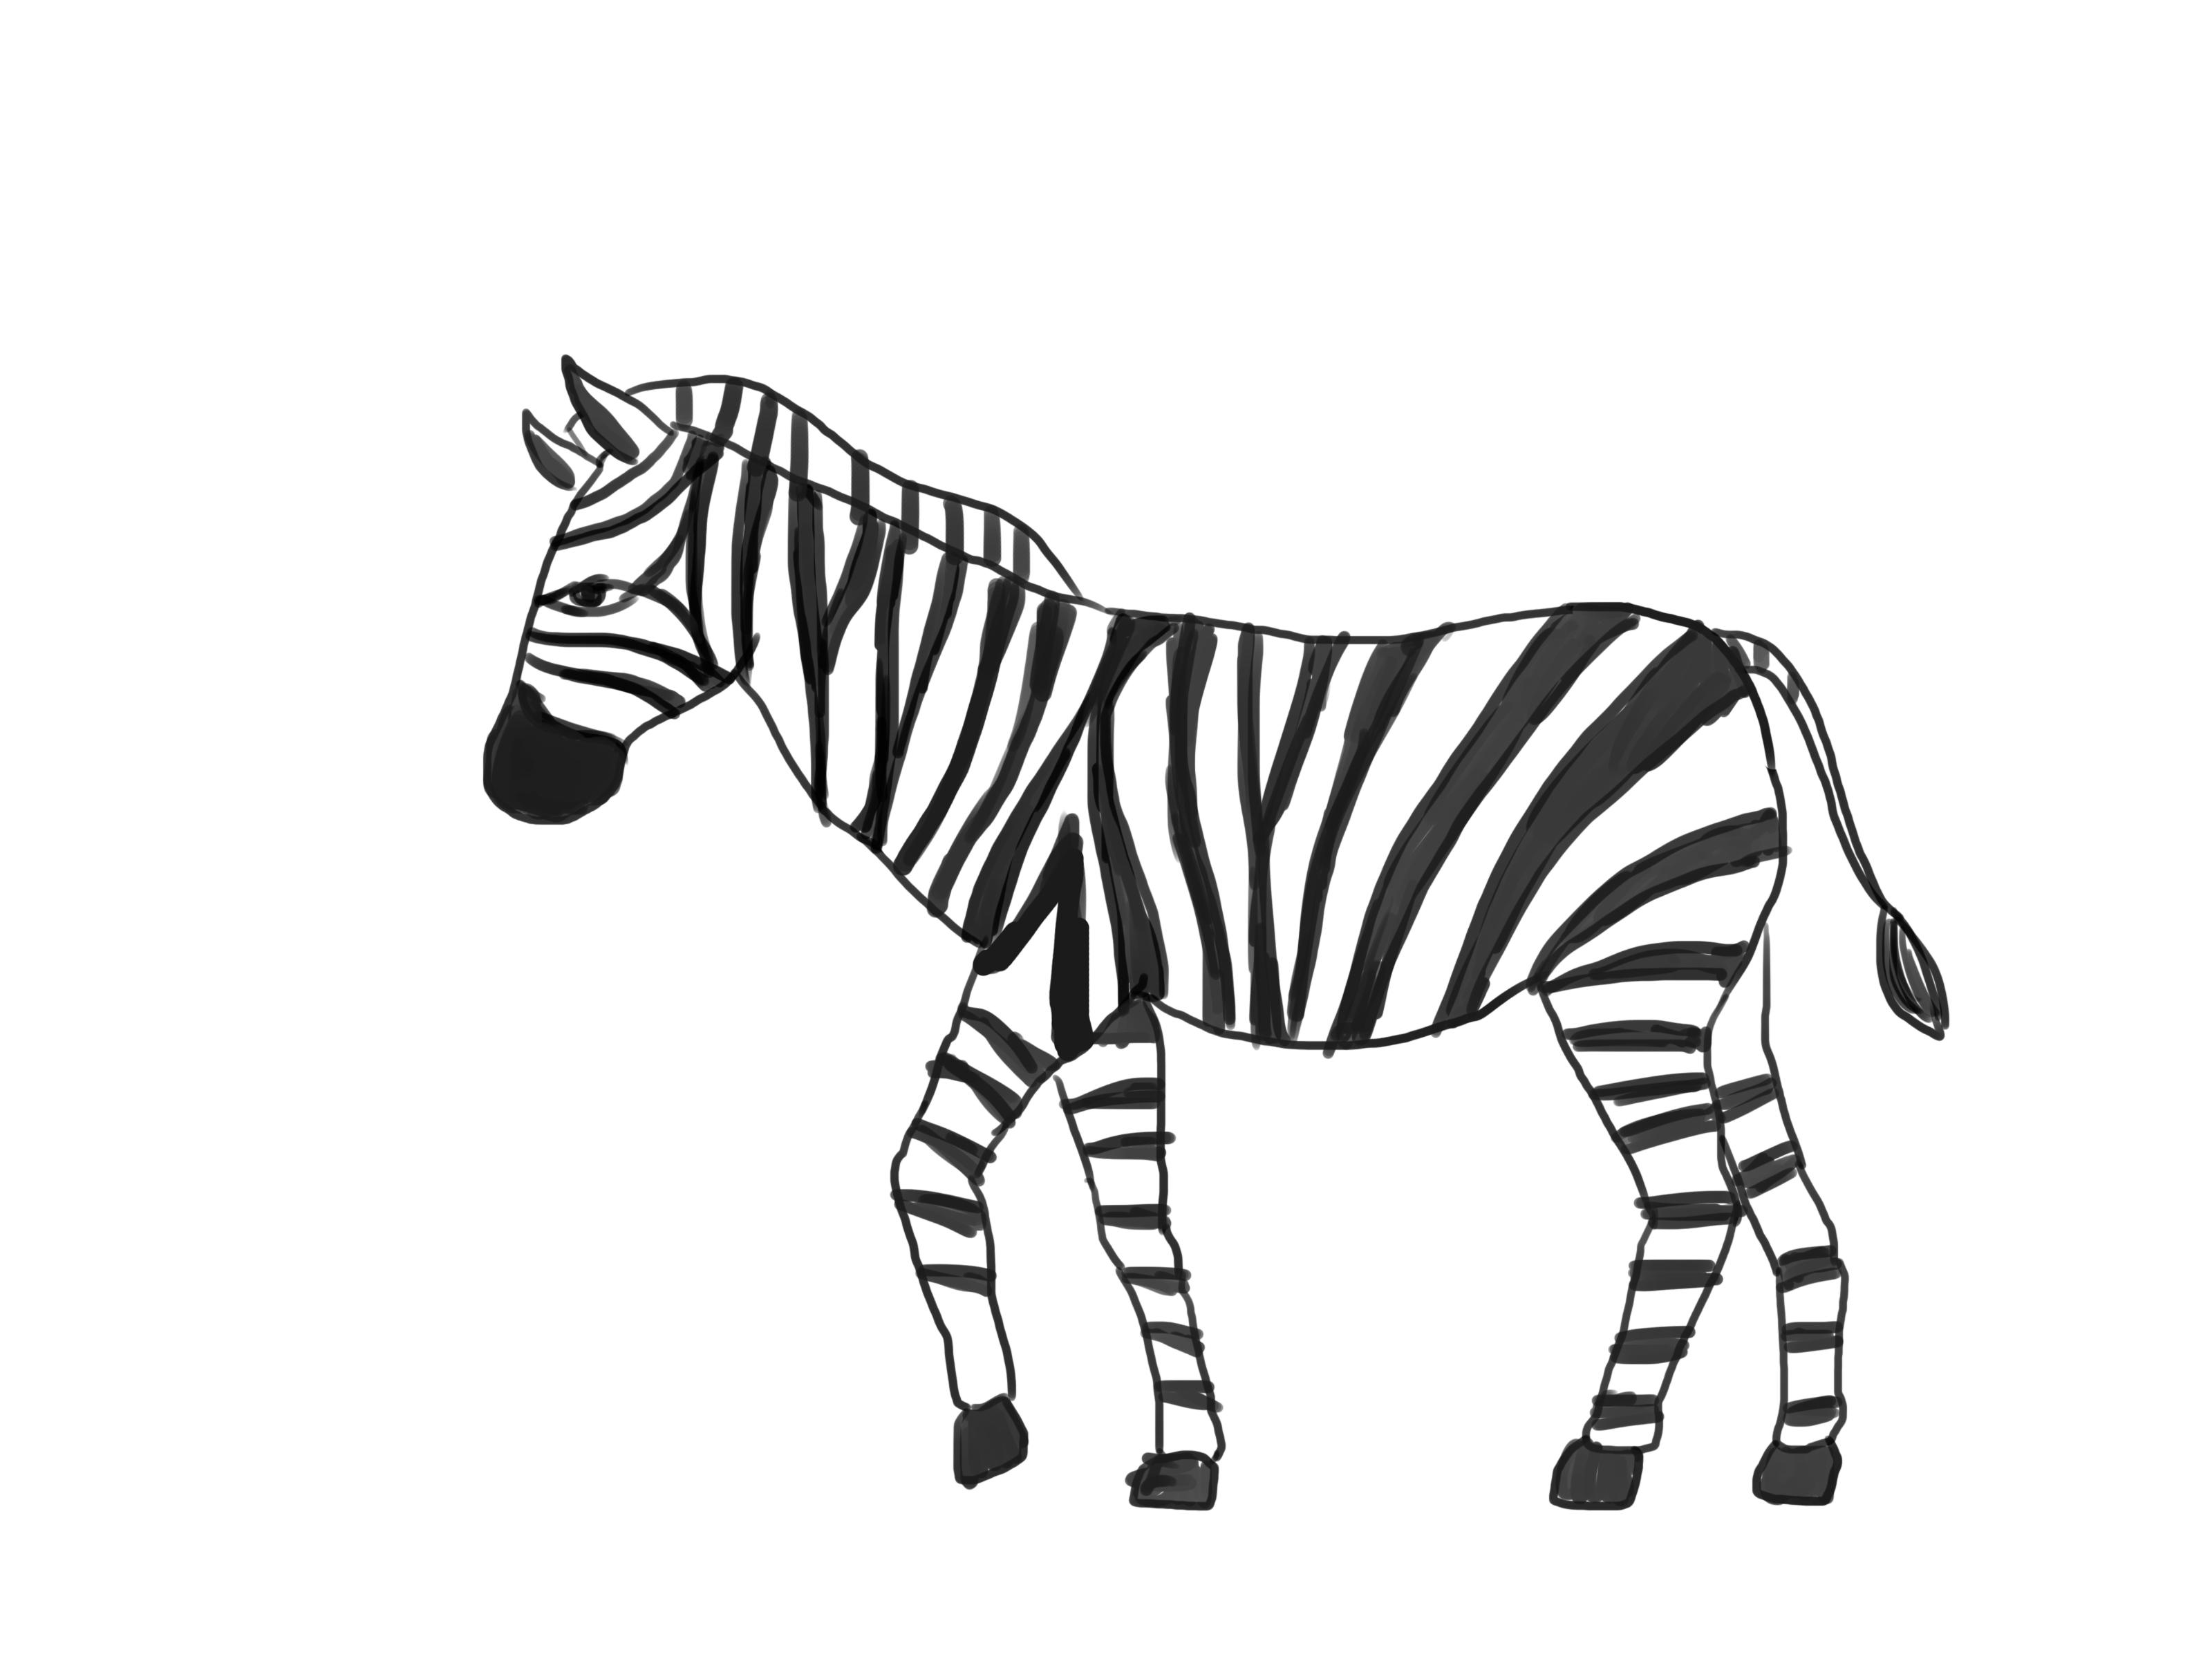 Drawn zebra #5